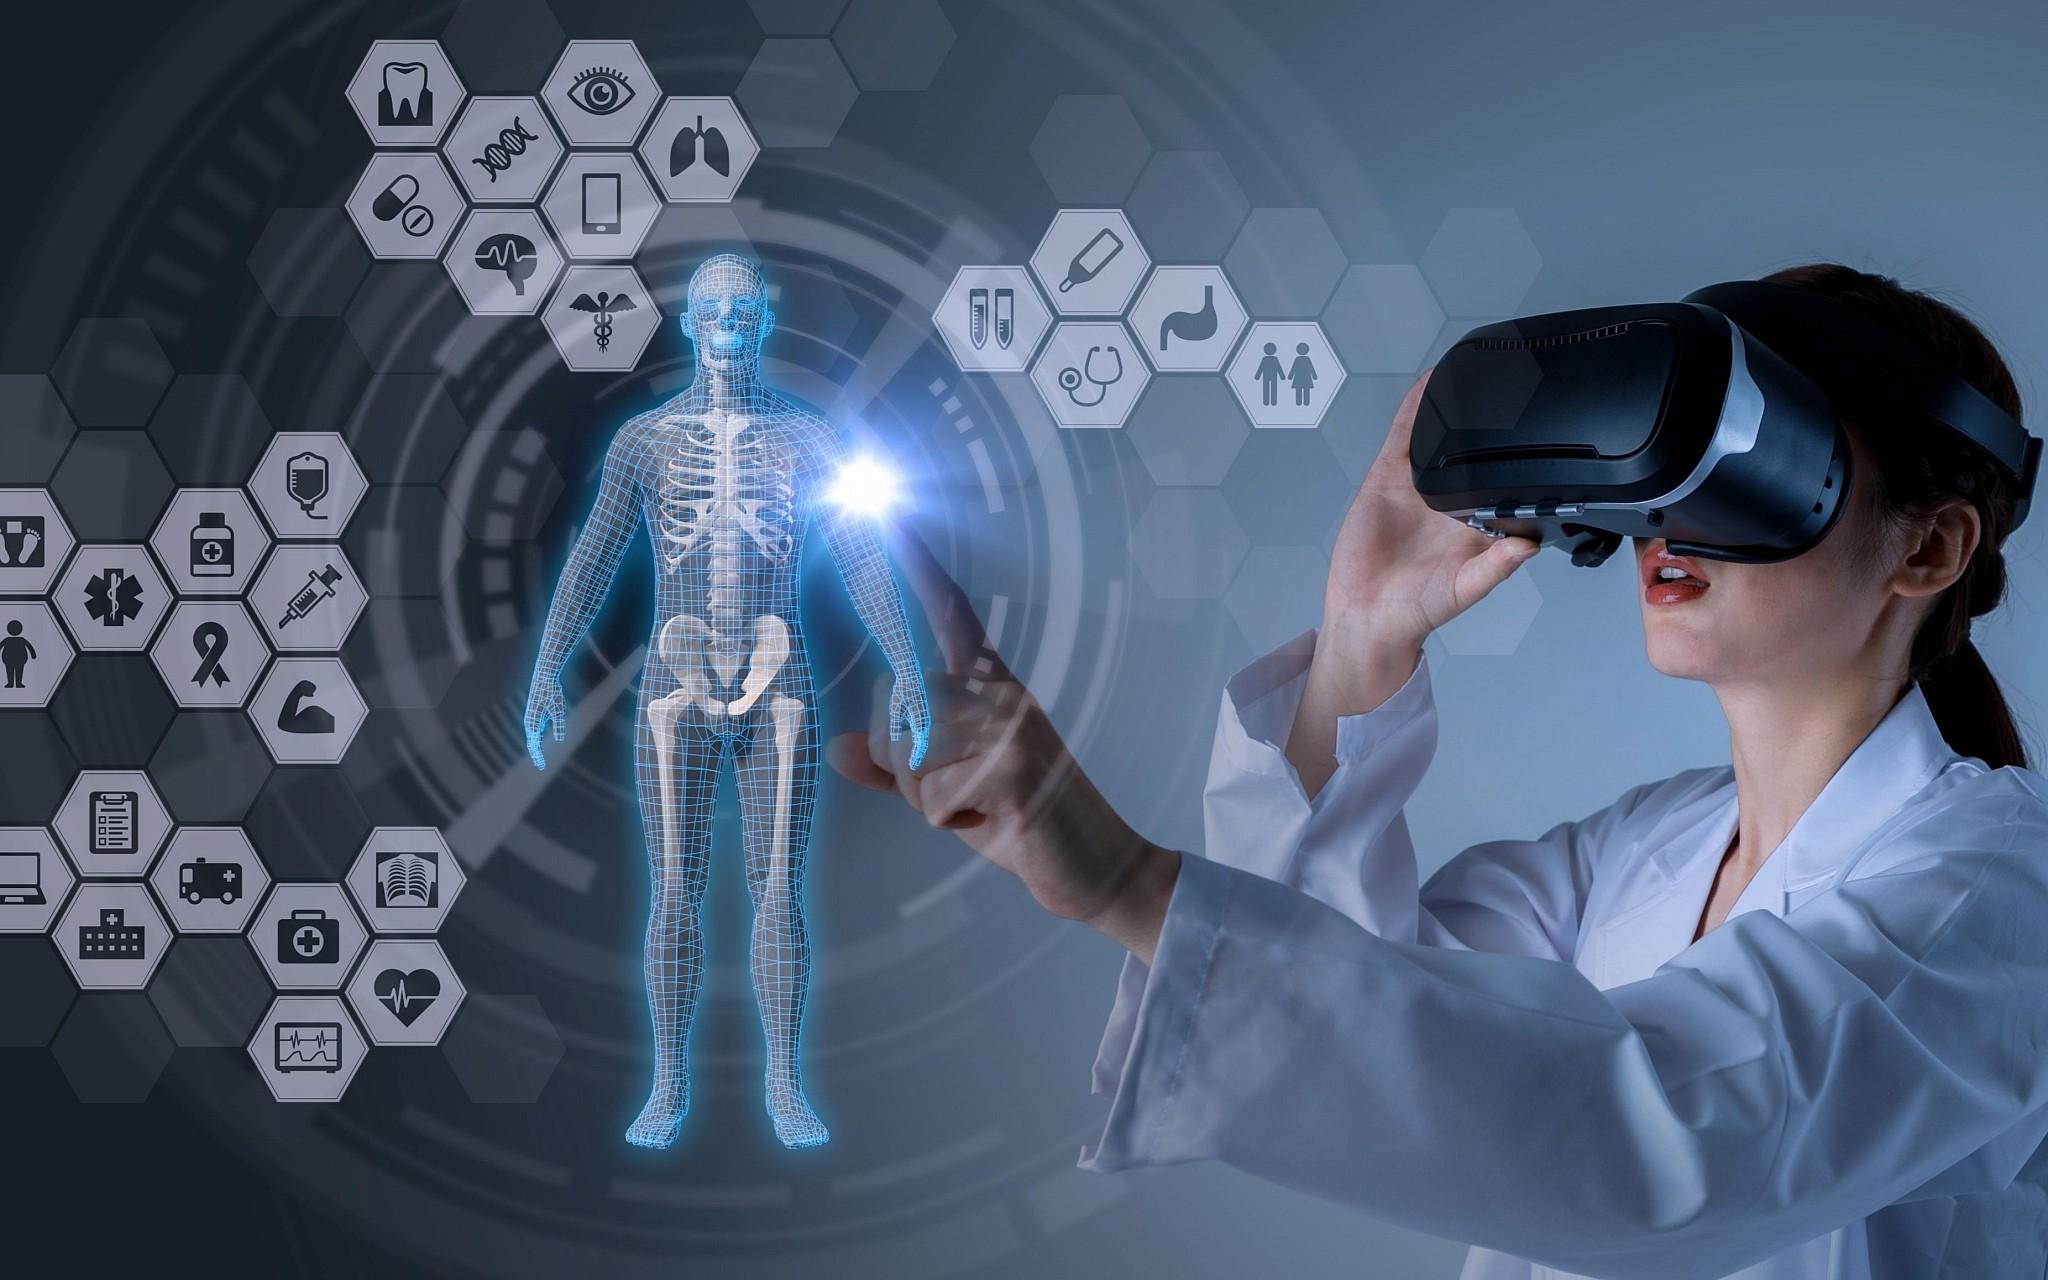 Bệnh viện đầu tiên trên thế giới hoạt động hoàn toàn dựa vào công nghệ thực tế ảo (22/11/2019)